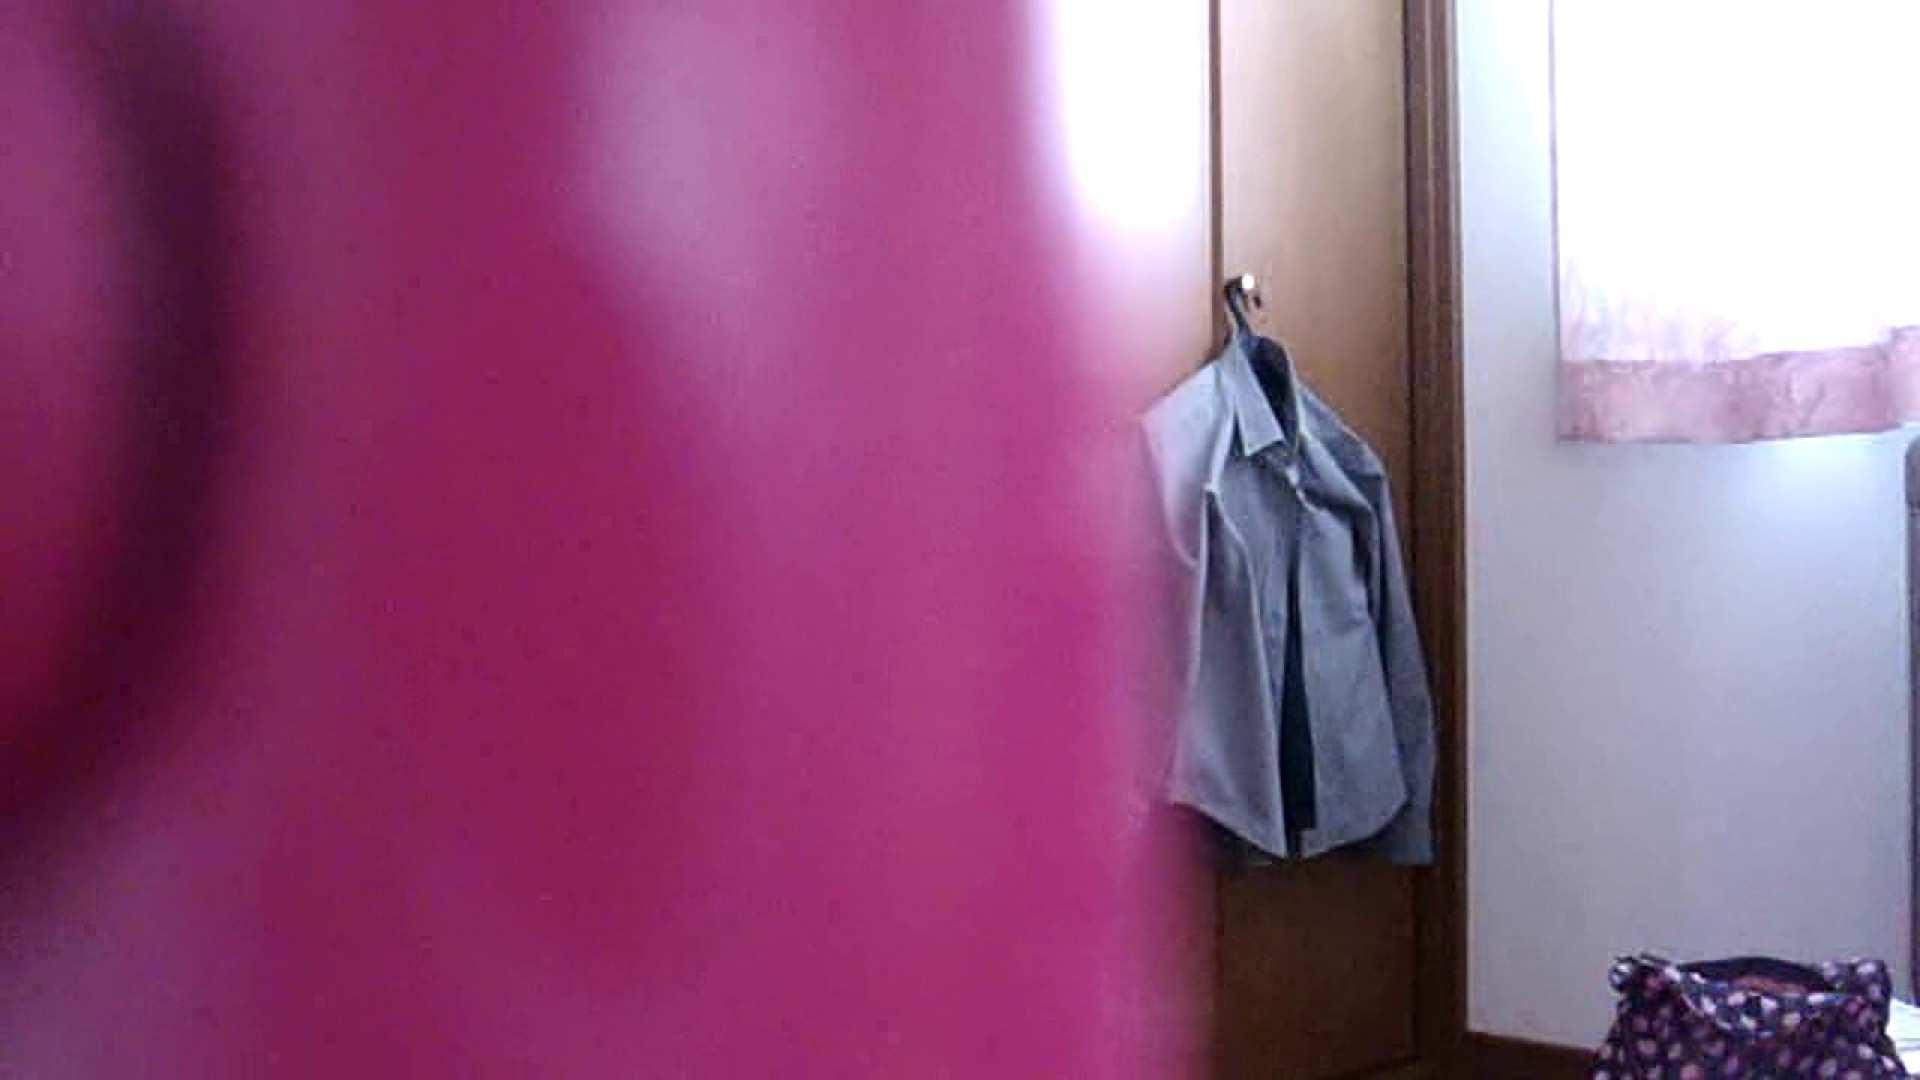 Vol.01 葵のいつもと変わらぬ朝の日常をご覧ください。 巨乳編  110PIX 64